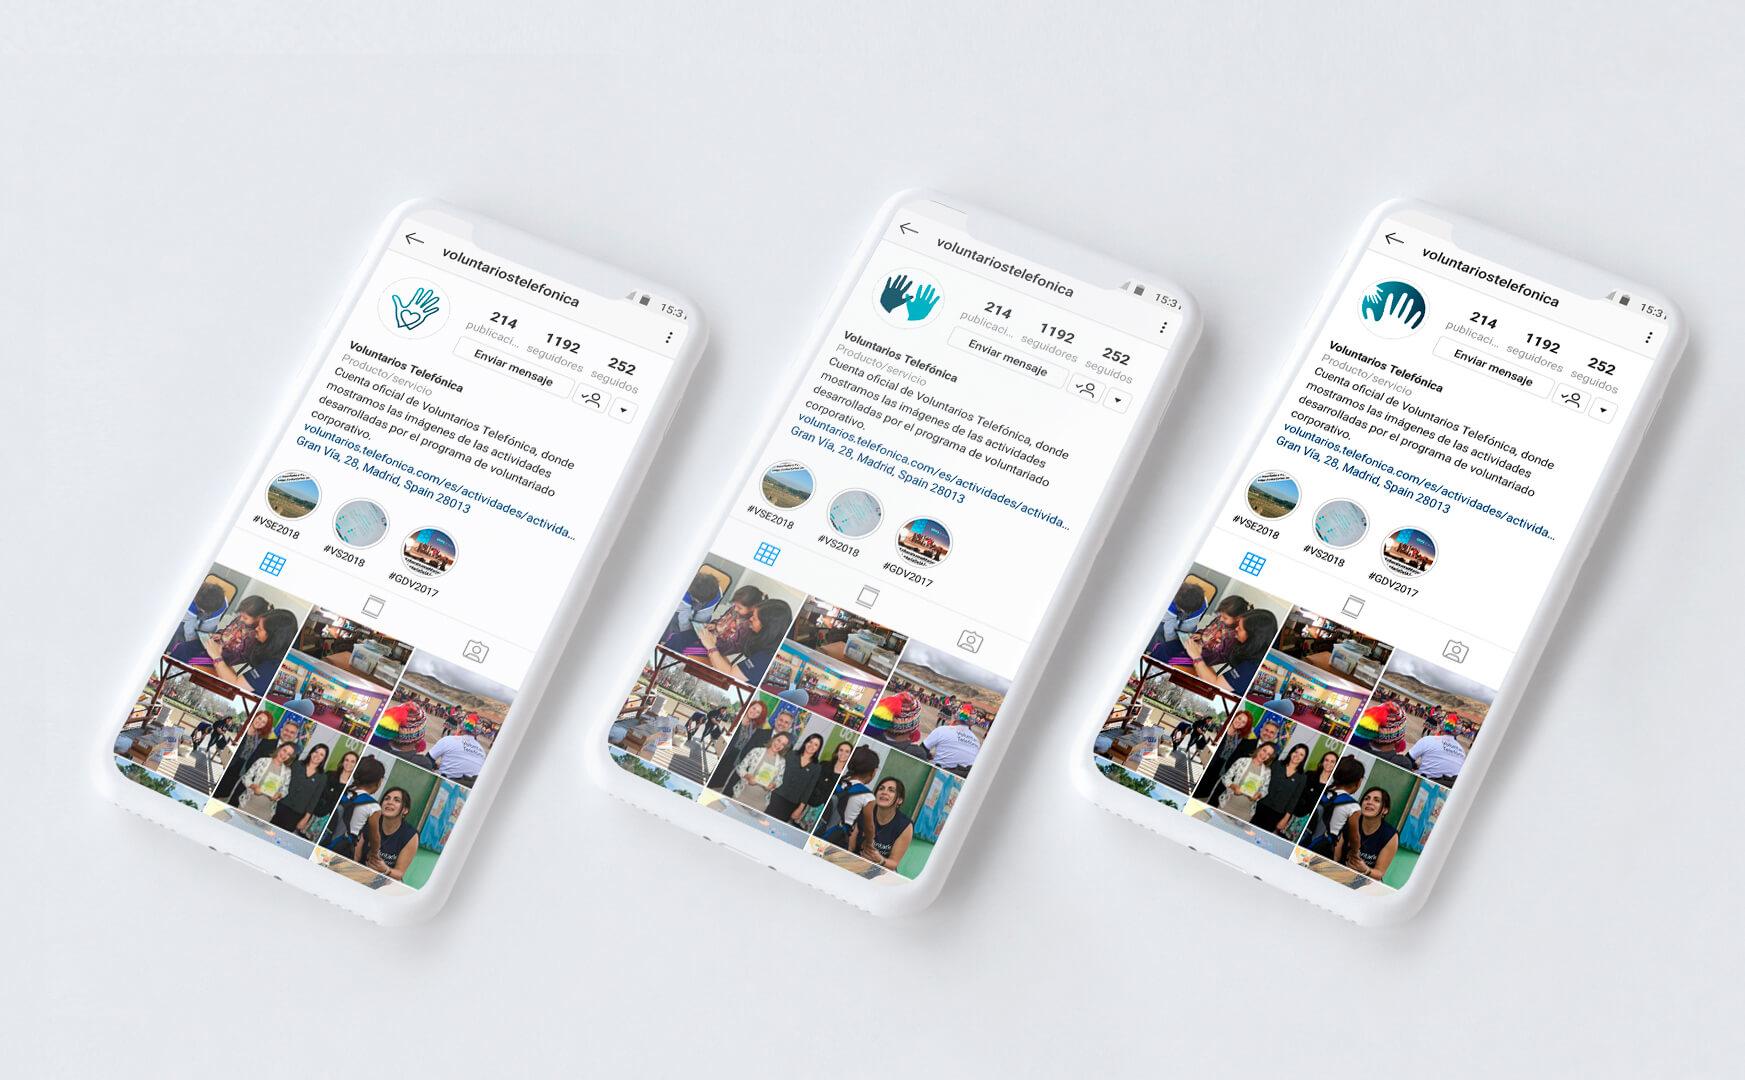 demo instagram voluntarios telefonica